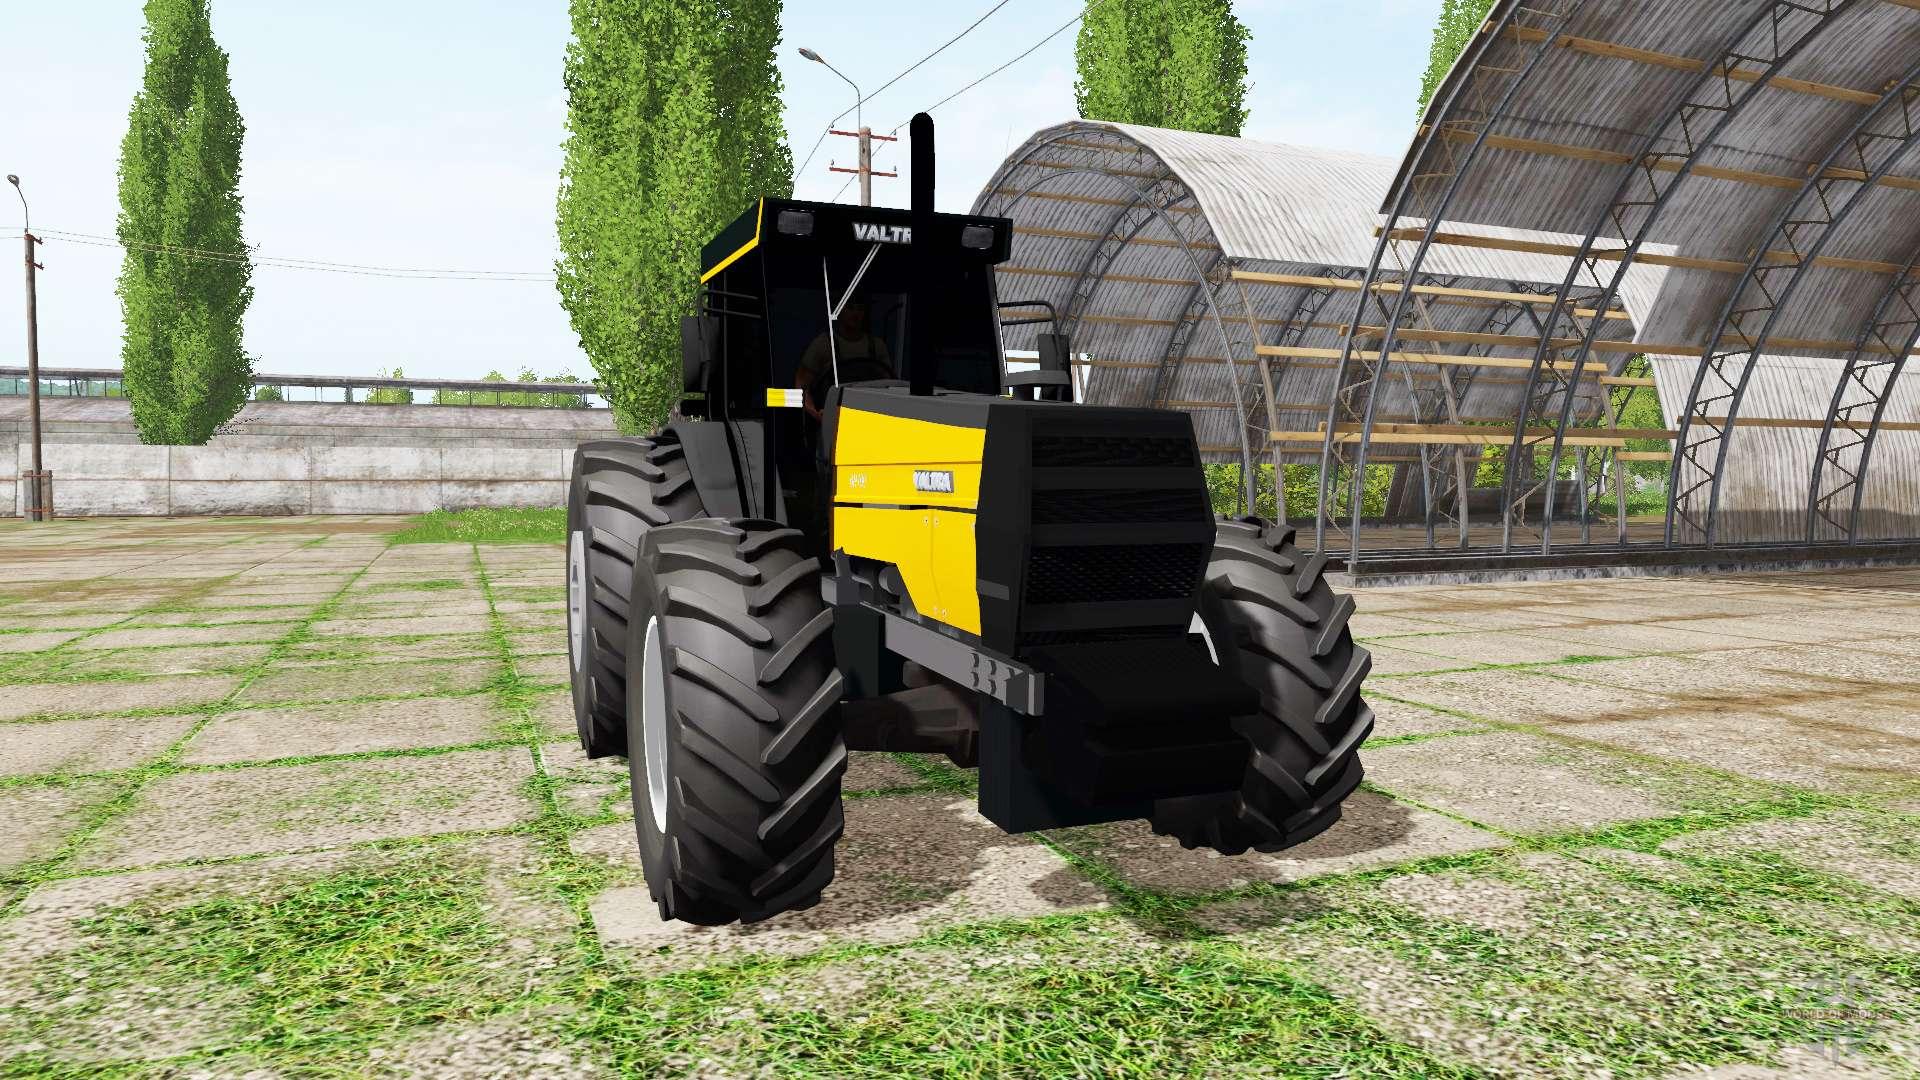 Какая мощность у трактора МТЗ-80?